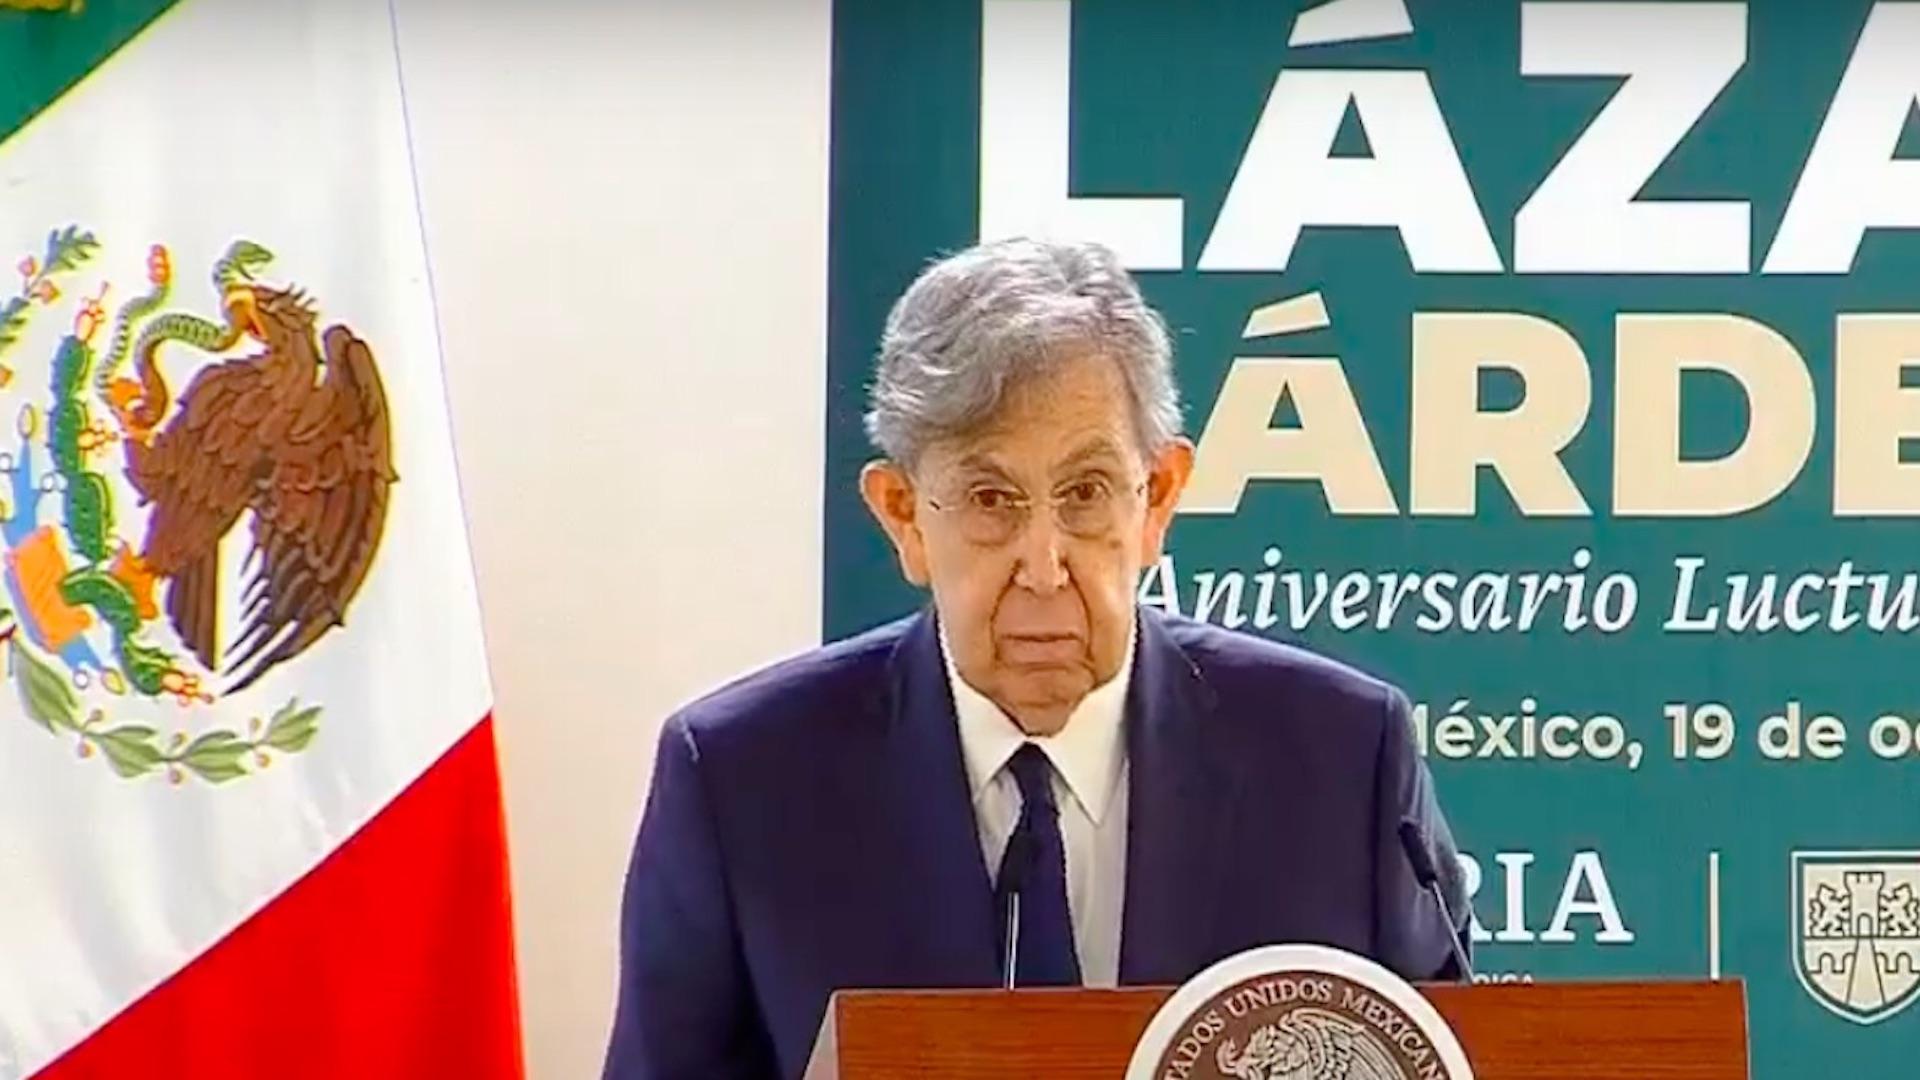 Cancelan timbre postal por el 50 aniversario luctuoso de Lázaro Cárdenas